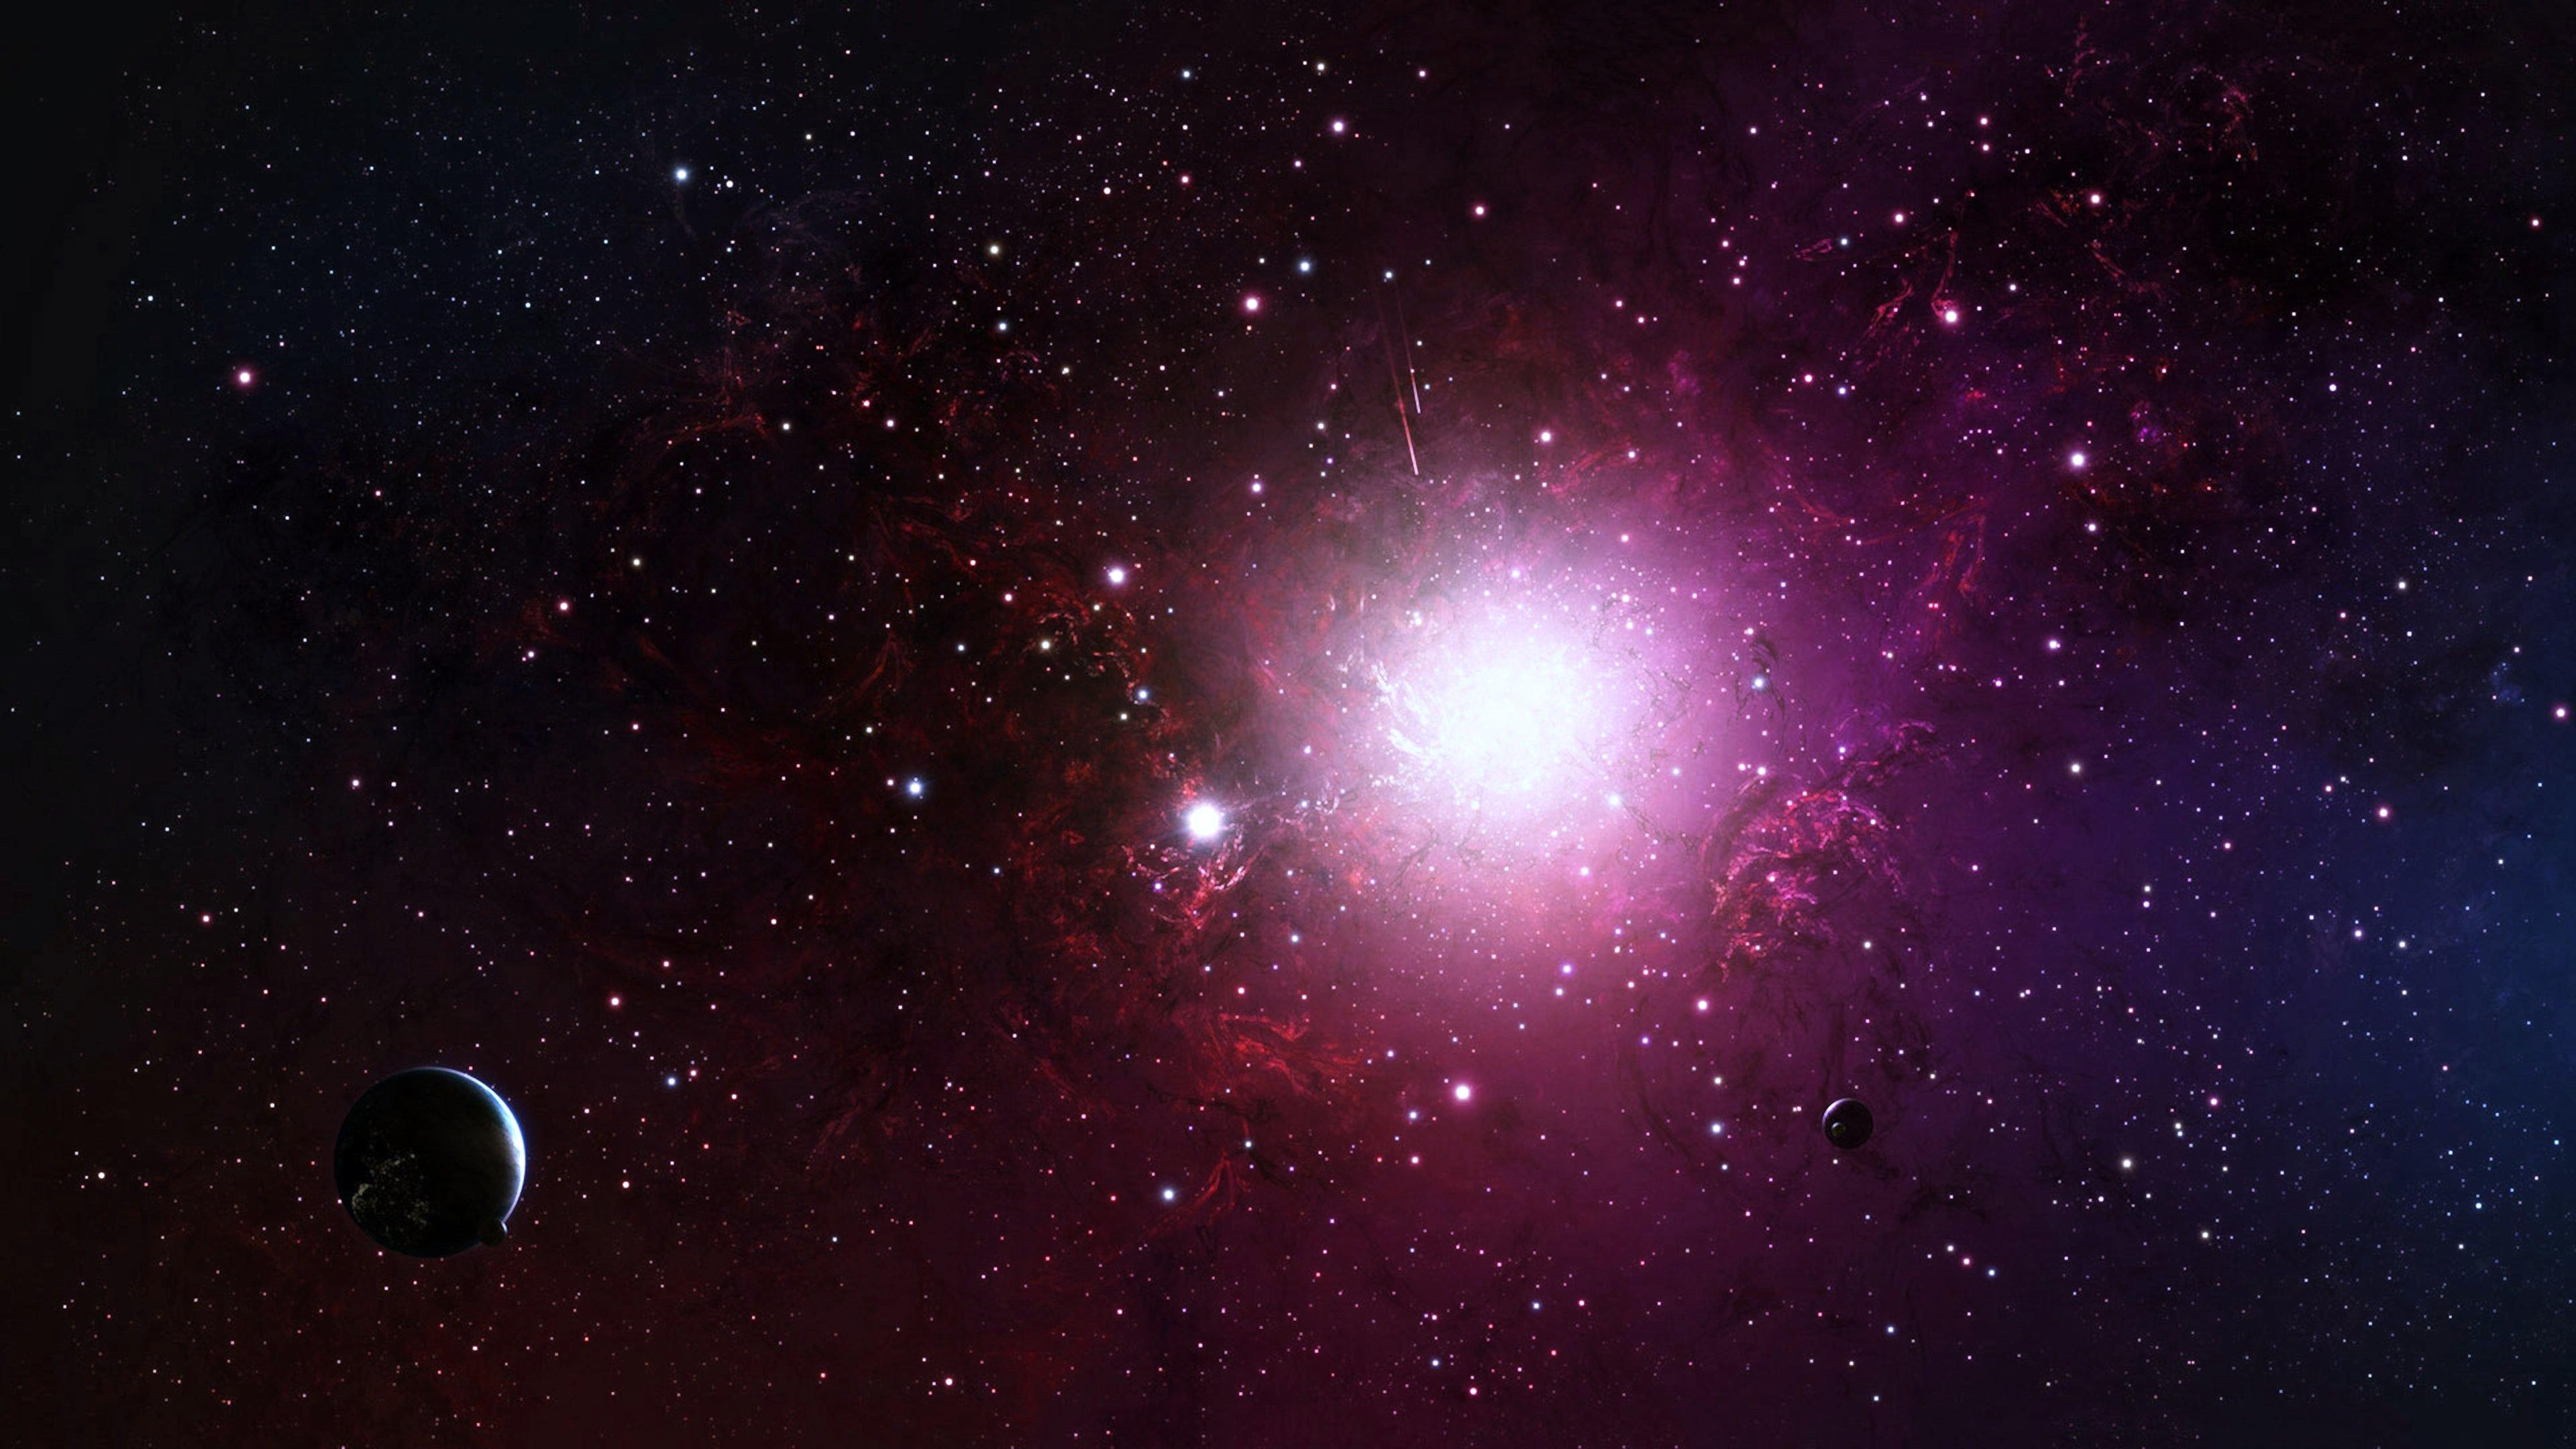 pink nebula galaxy space wallpaper - photo #17